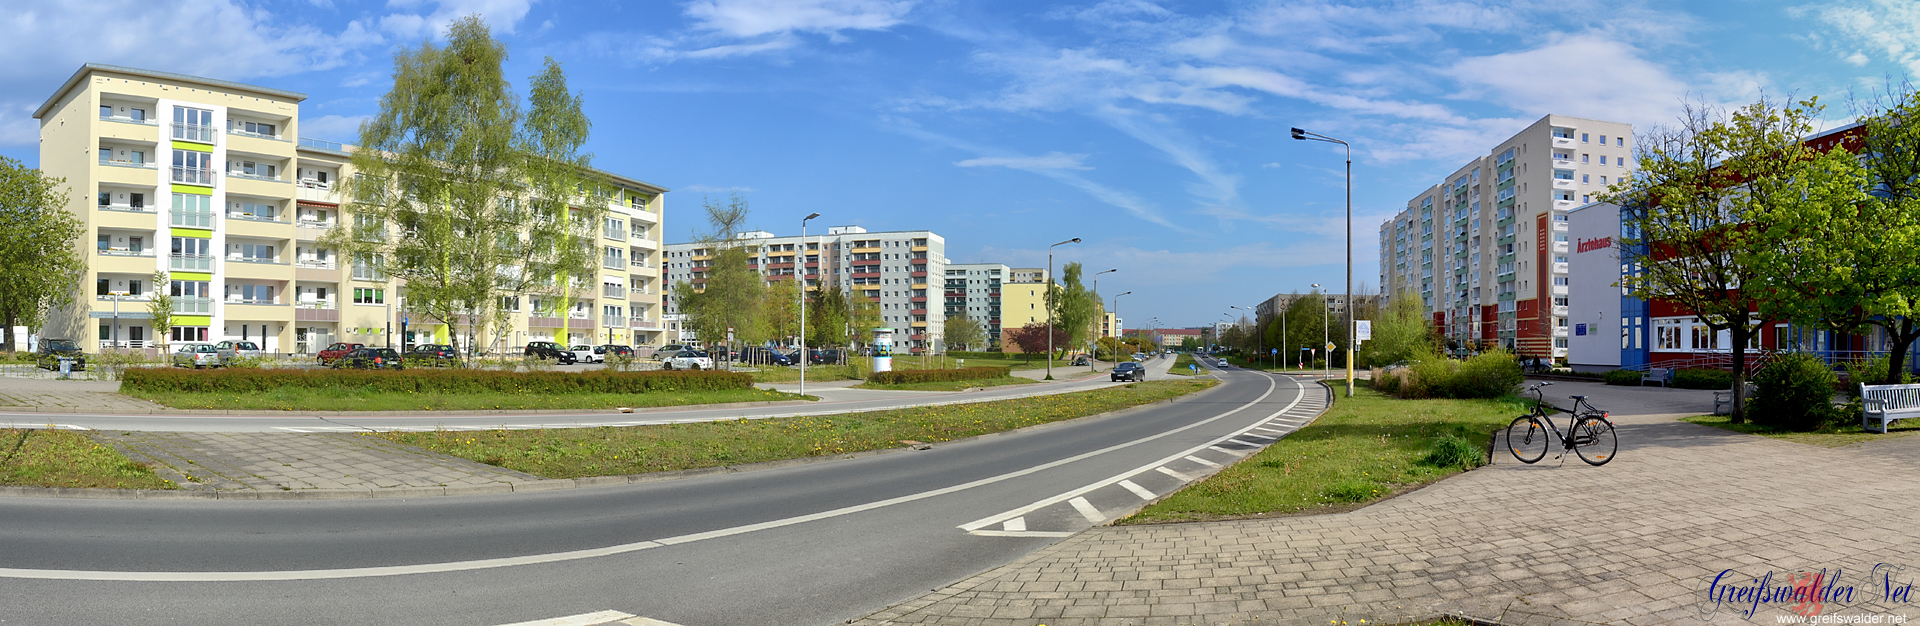 Schönwalde I in Greifswald